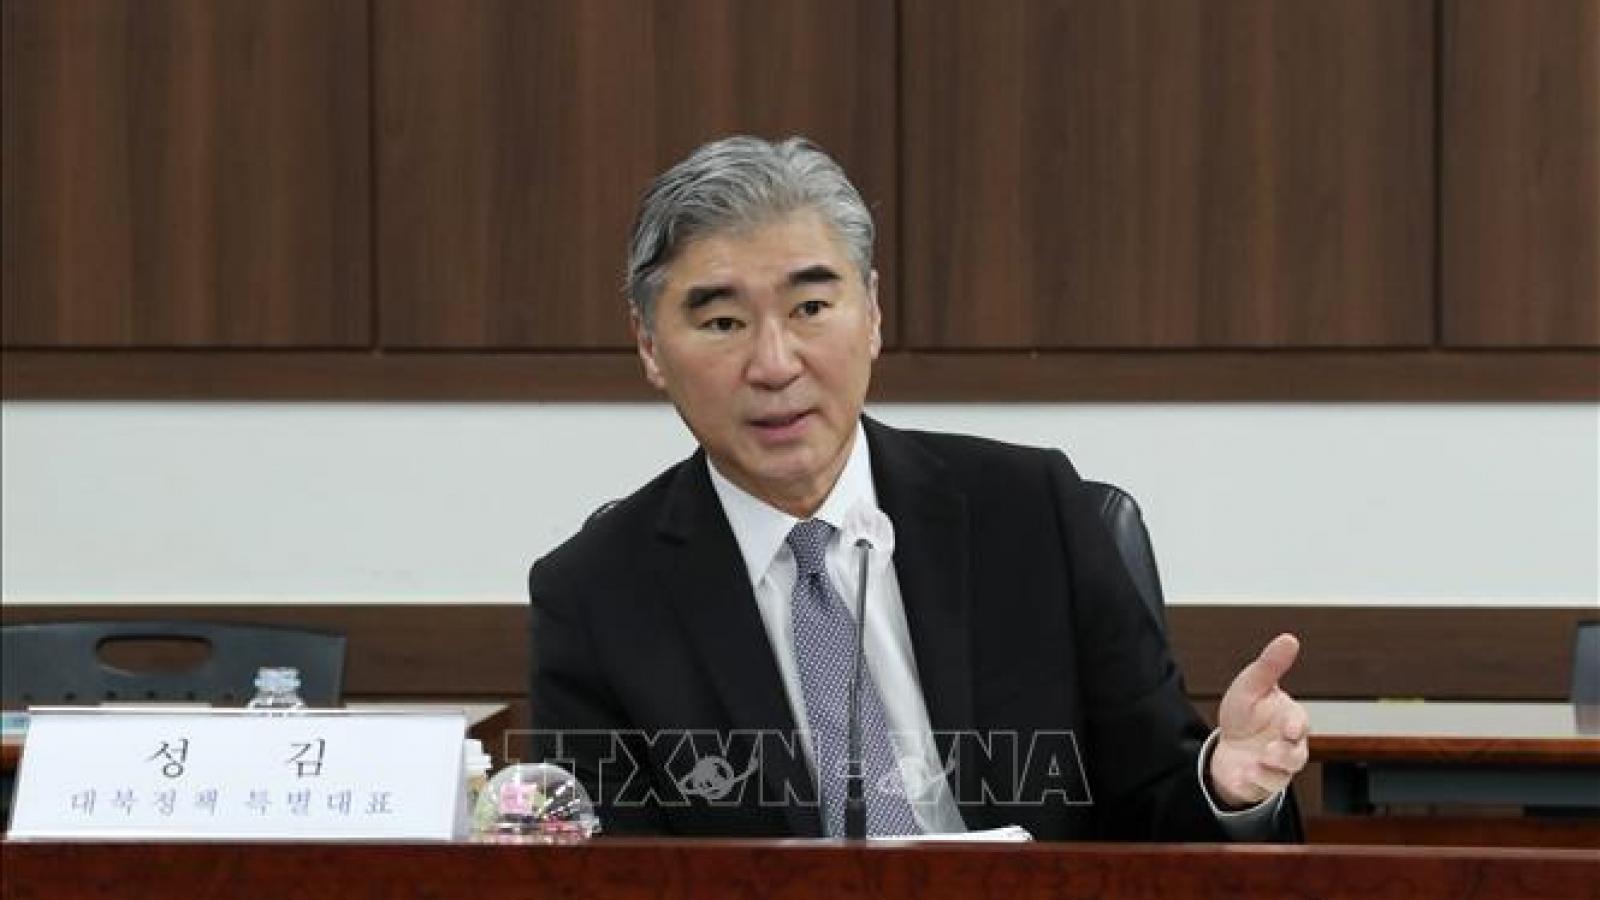 Mỹ kêu gọi Triều Tiên ngừng các vụ thử tên lửa mang tính khiêu khích và quay lại đàm phán